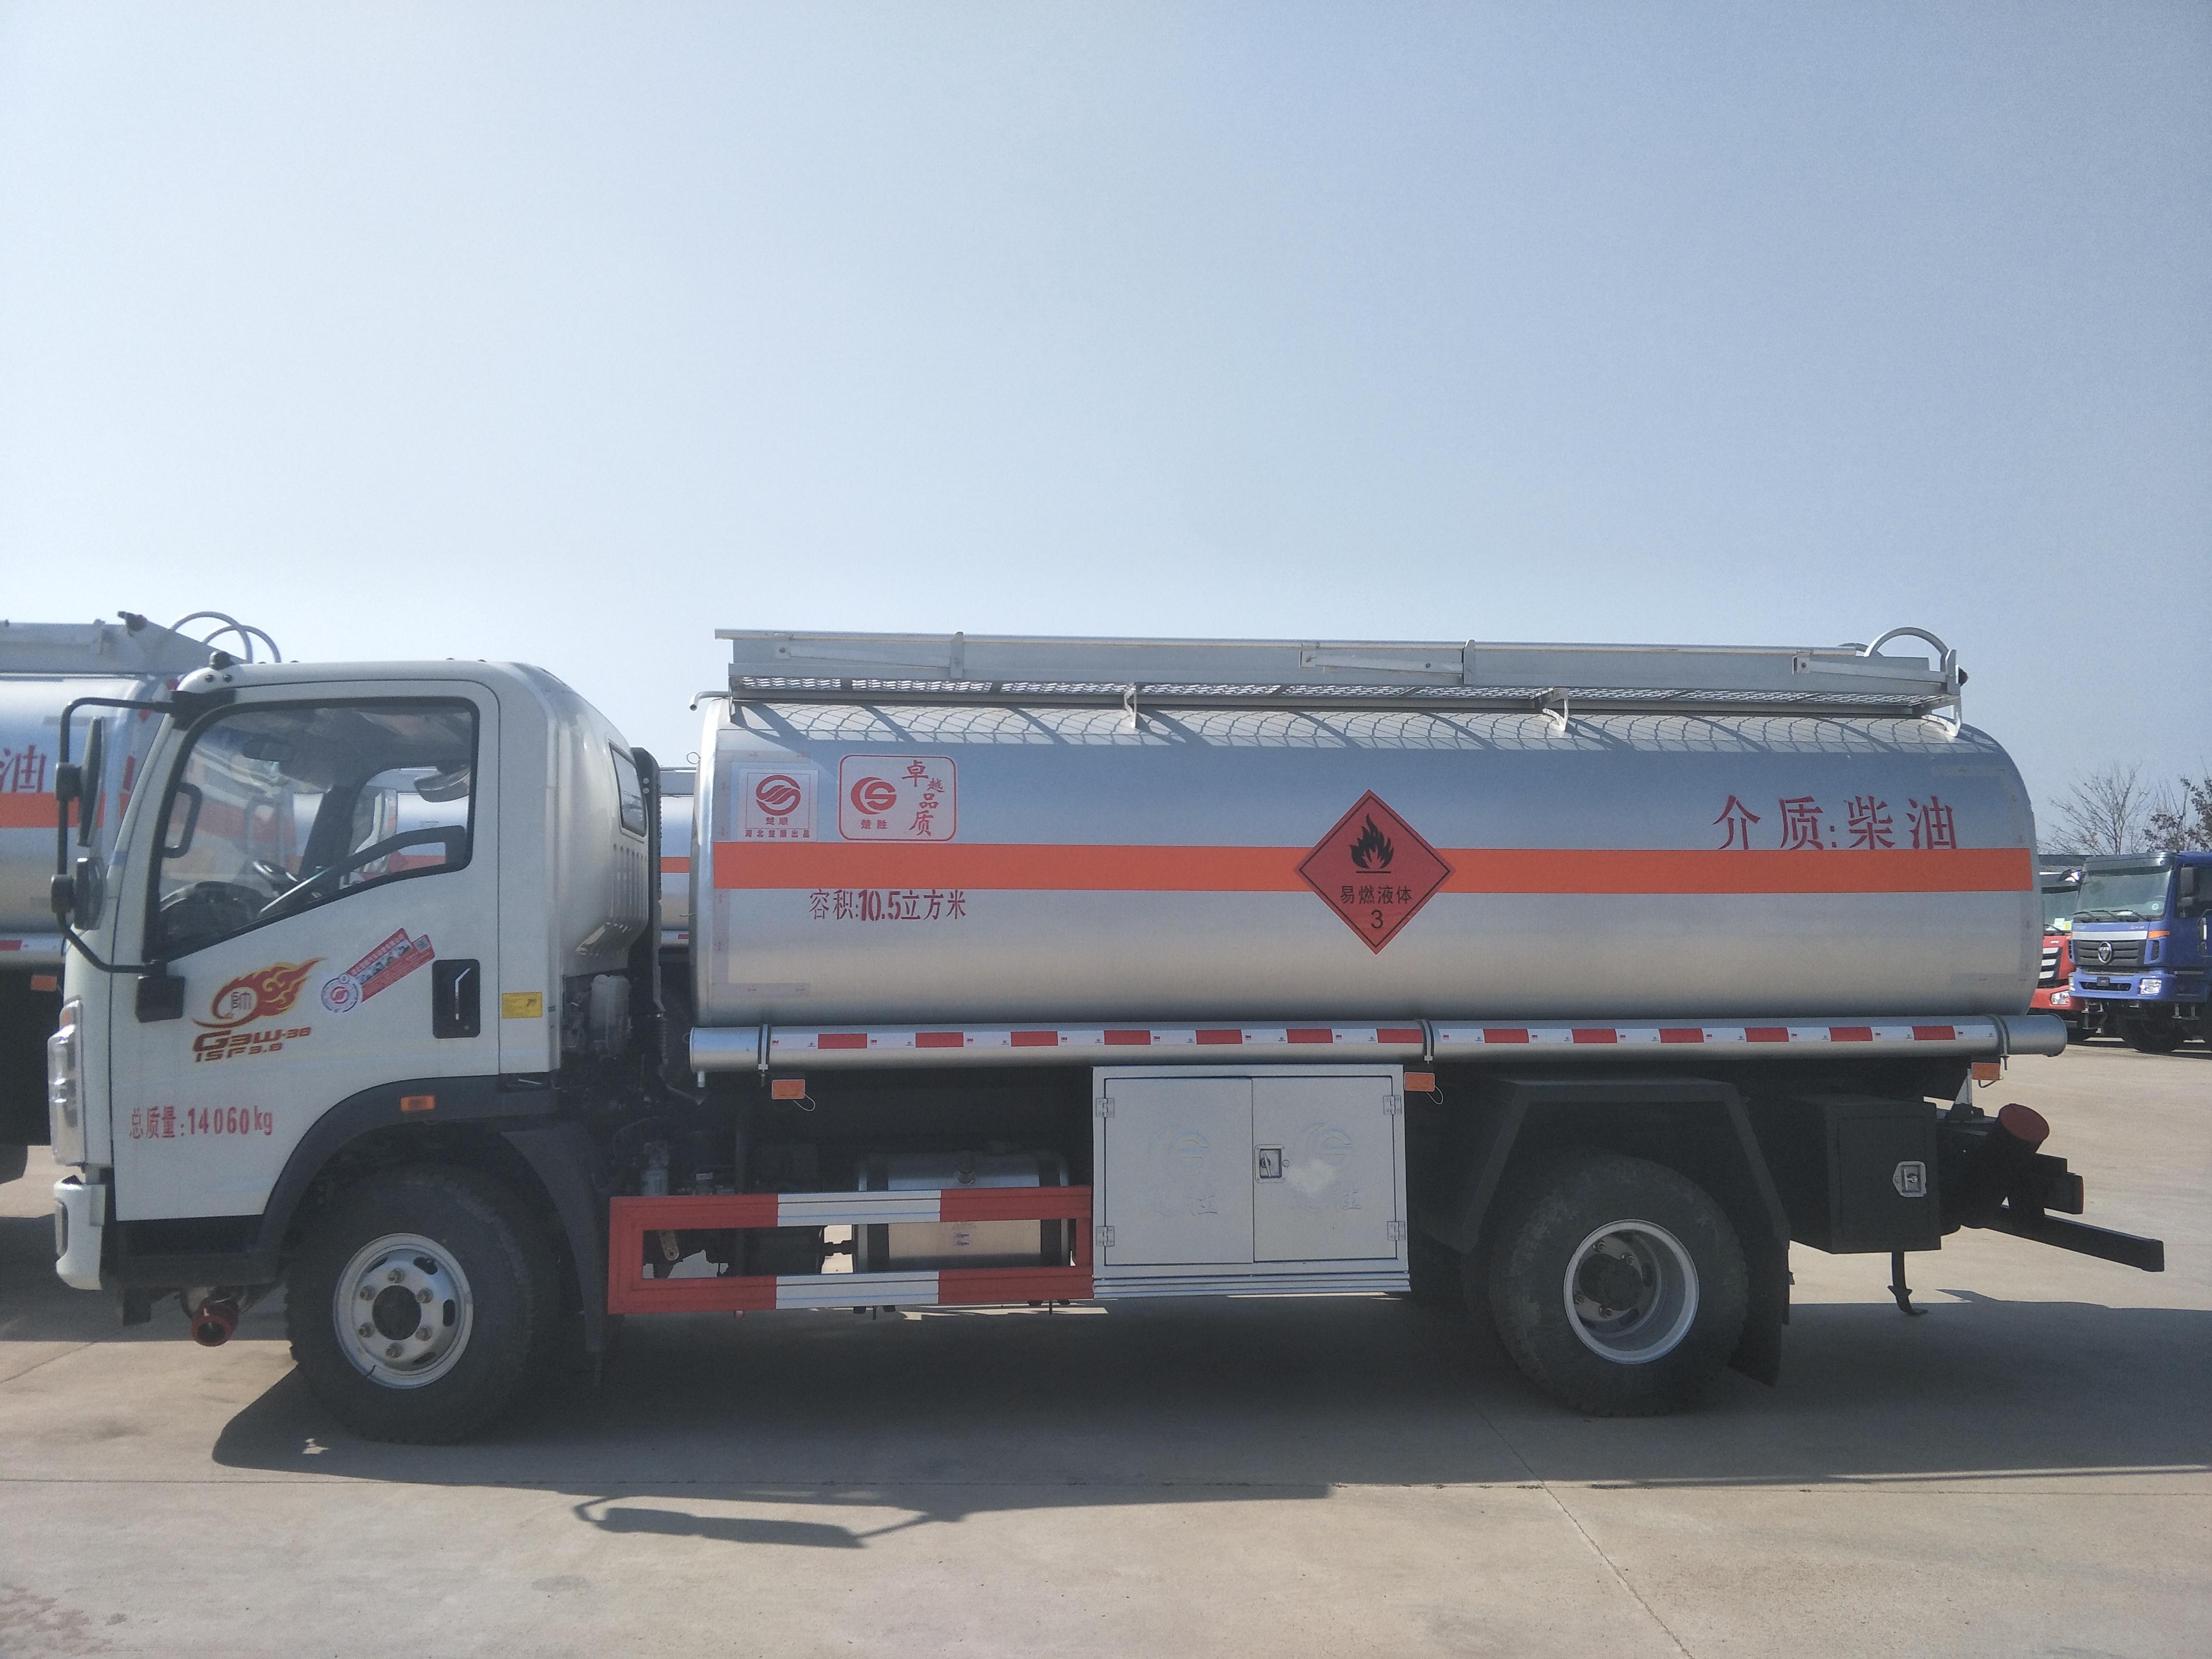 豪沃滿載10噸油罐車廠家直銷 包上戶 可分期